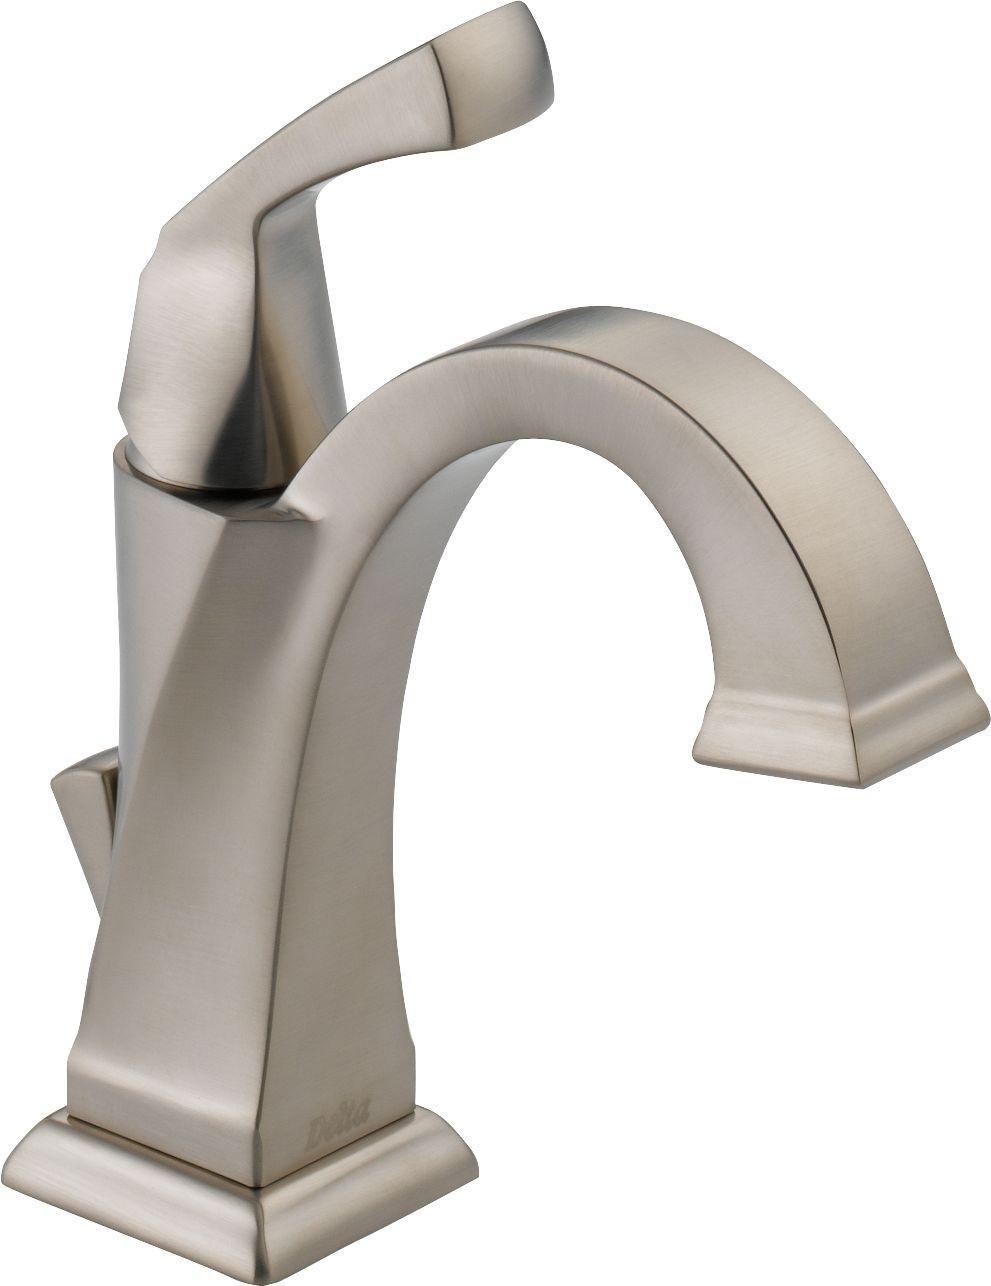 Single Handle Centerset Lavatory Faucet